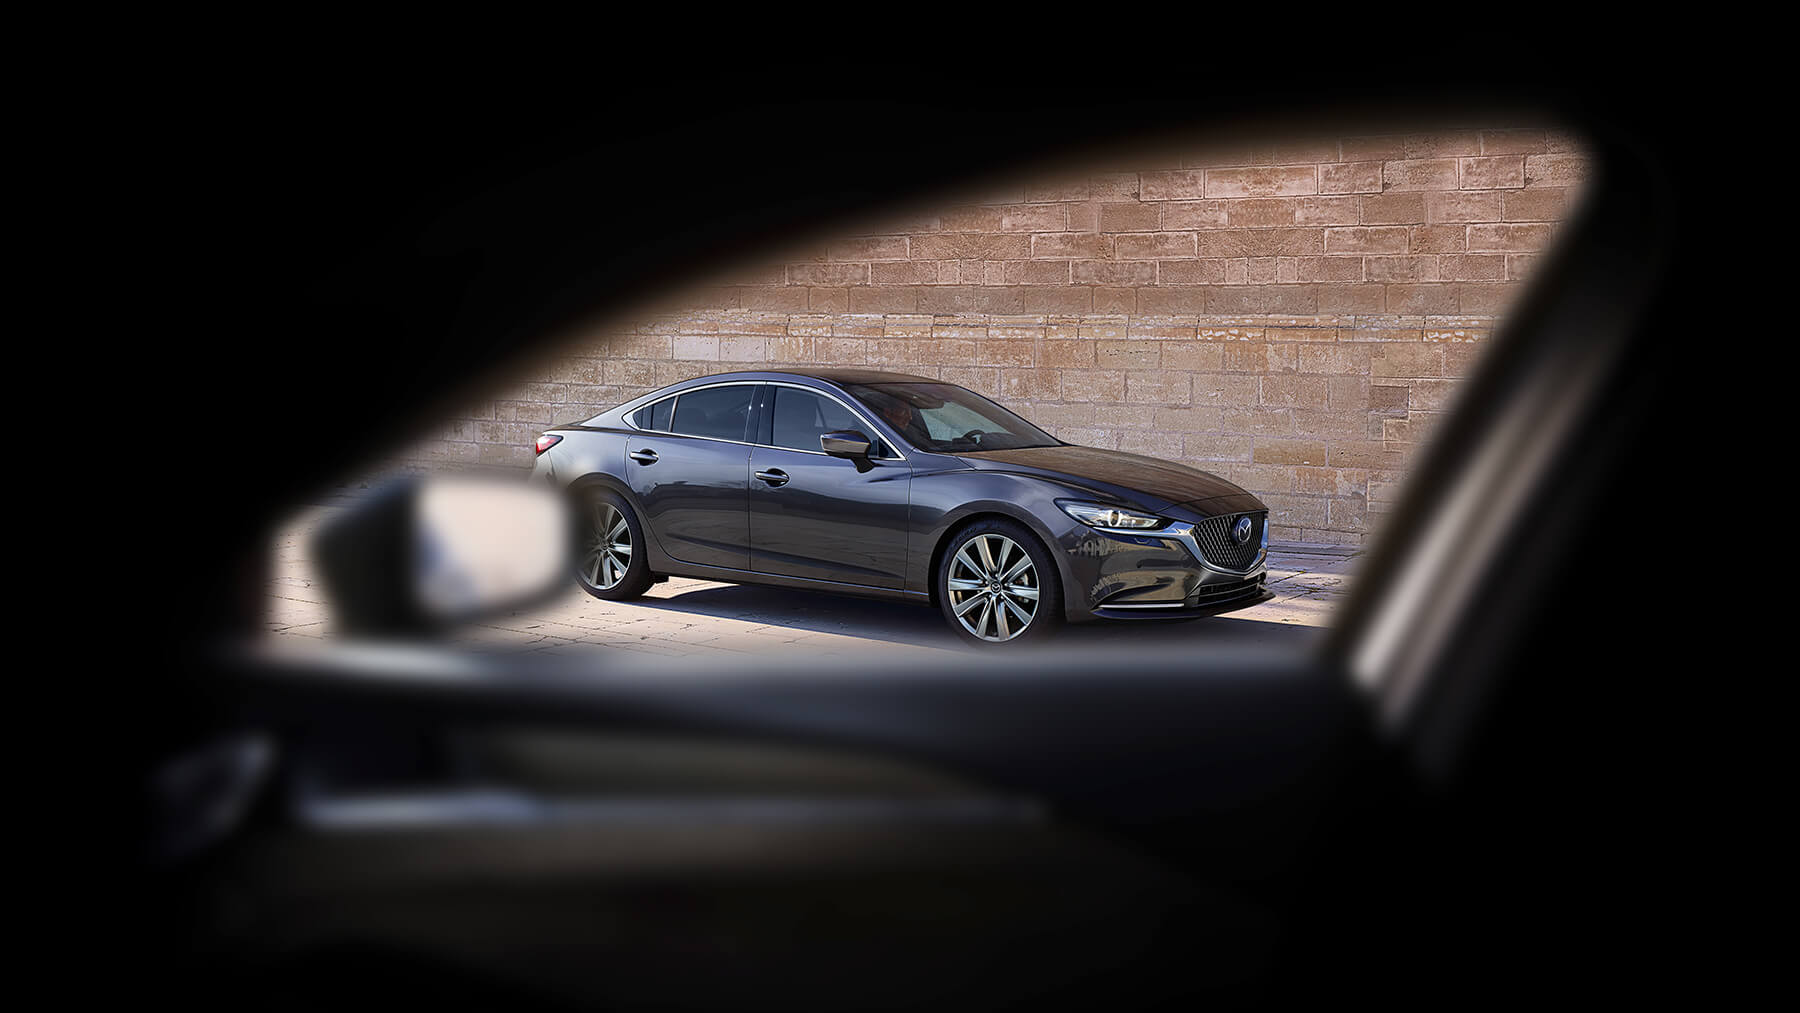 Mazda New Mazda6 V 2.0L 6AT - Galería interior - imágen 0